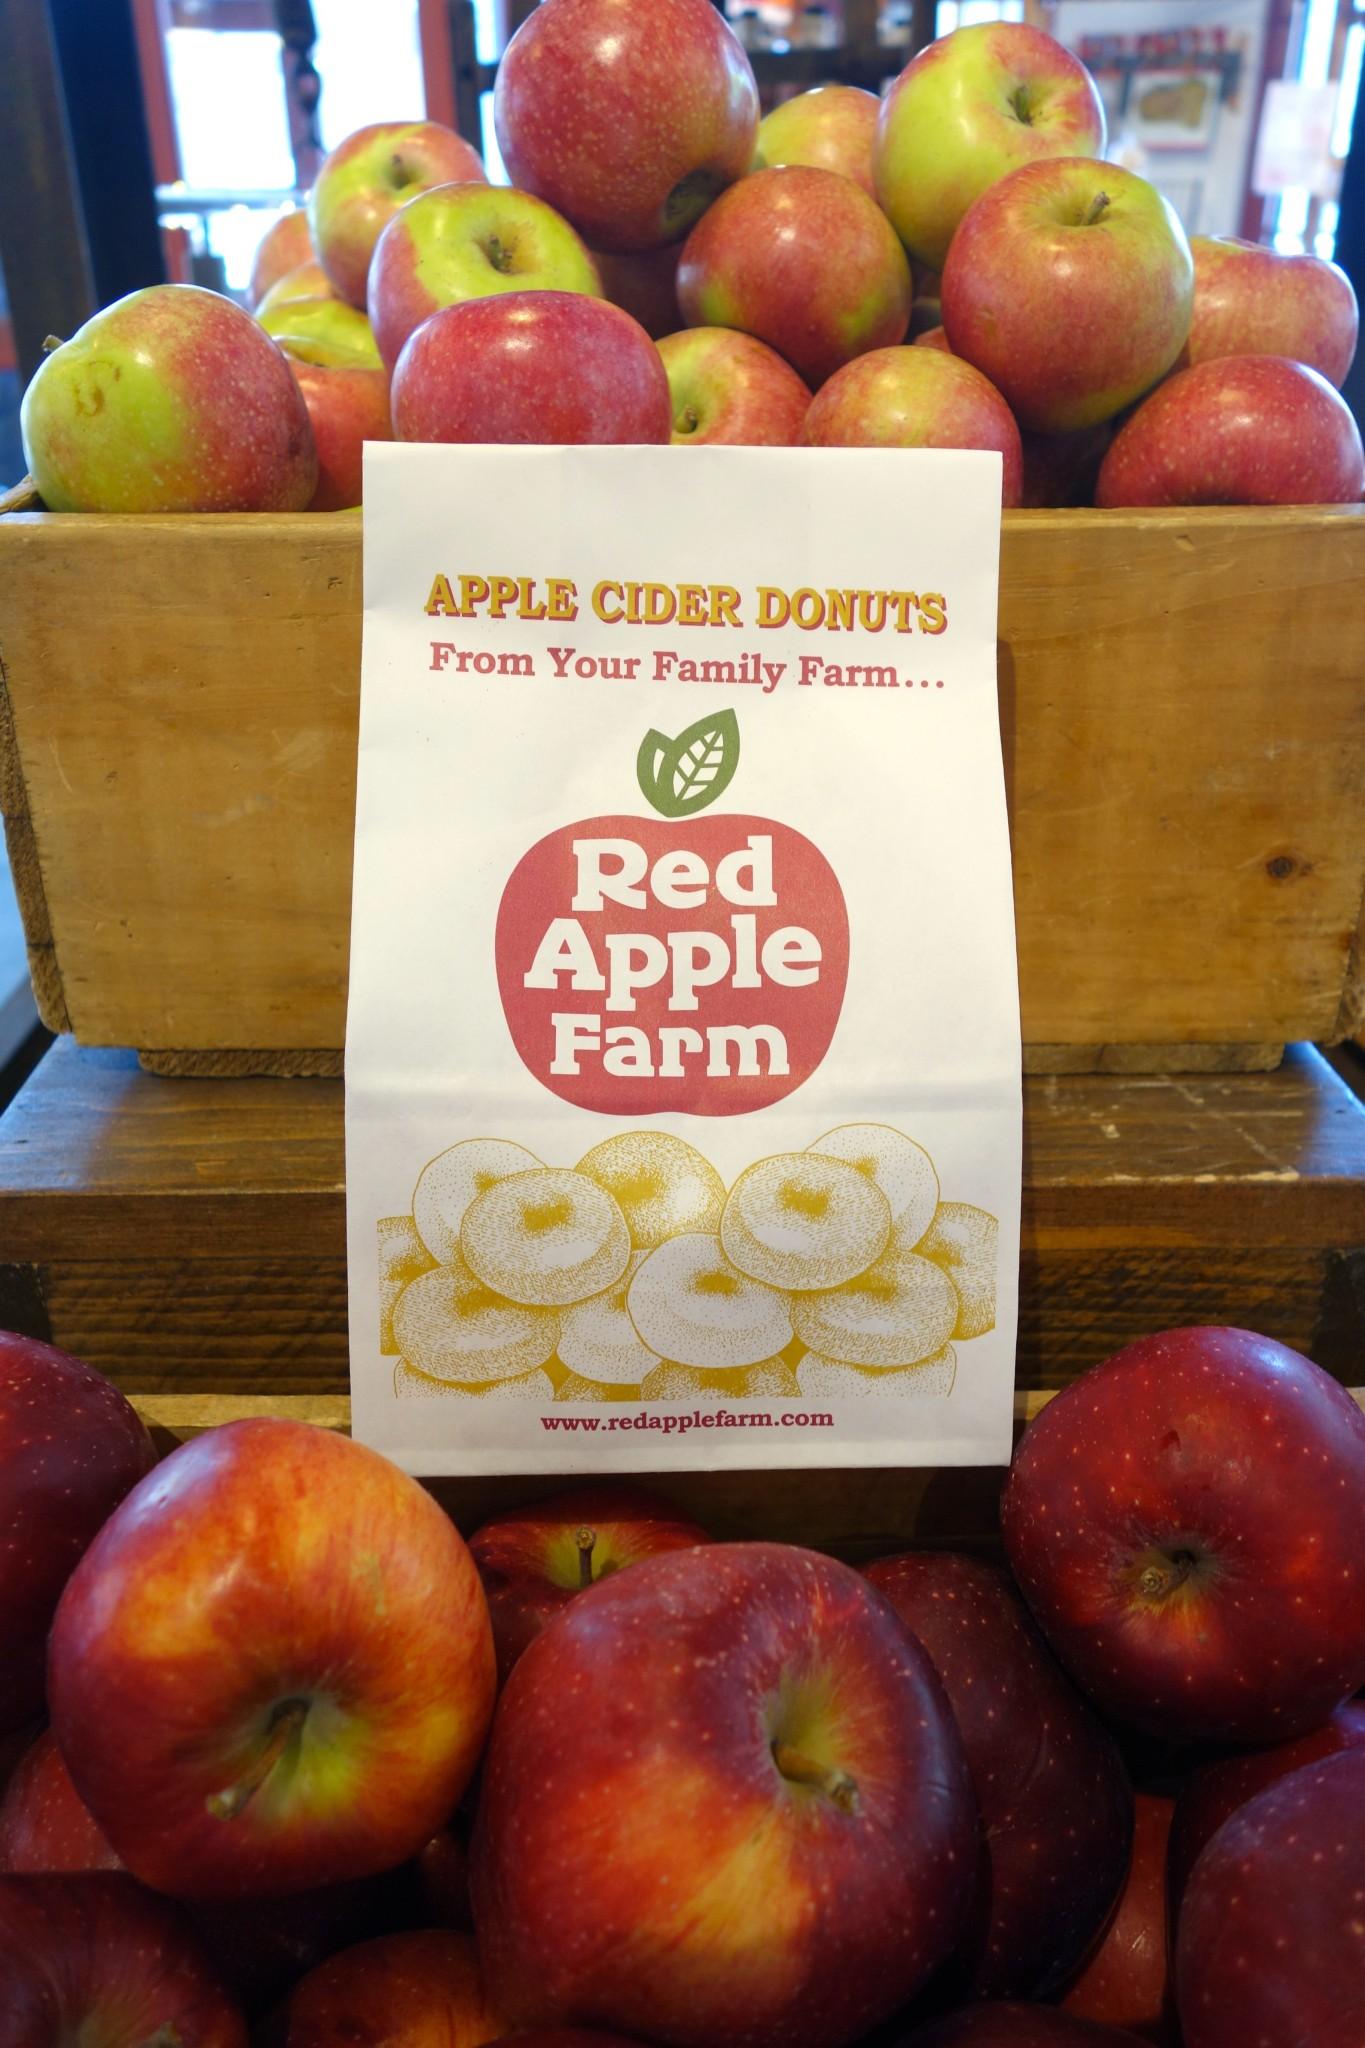 boston public market, red apple farm, the-alyst.com